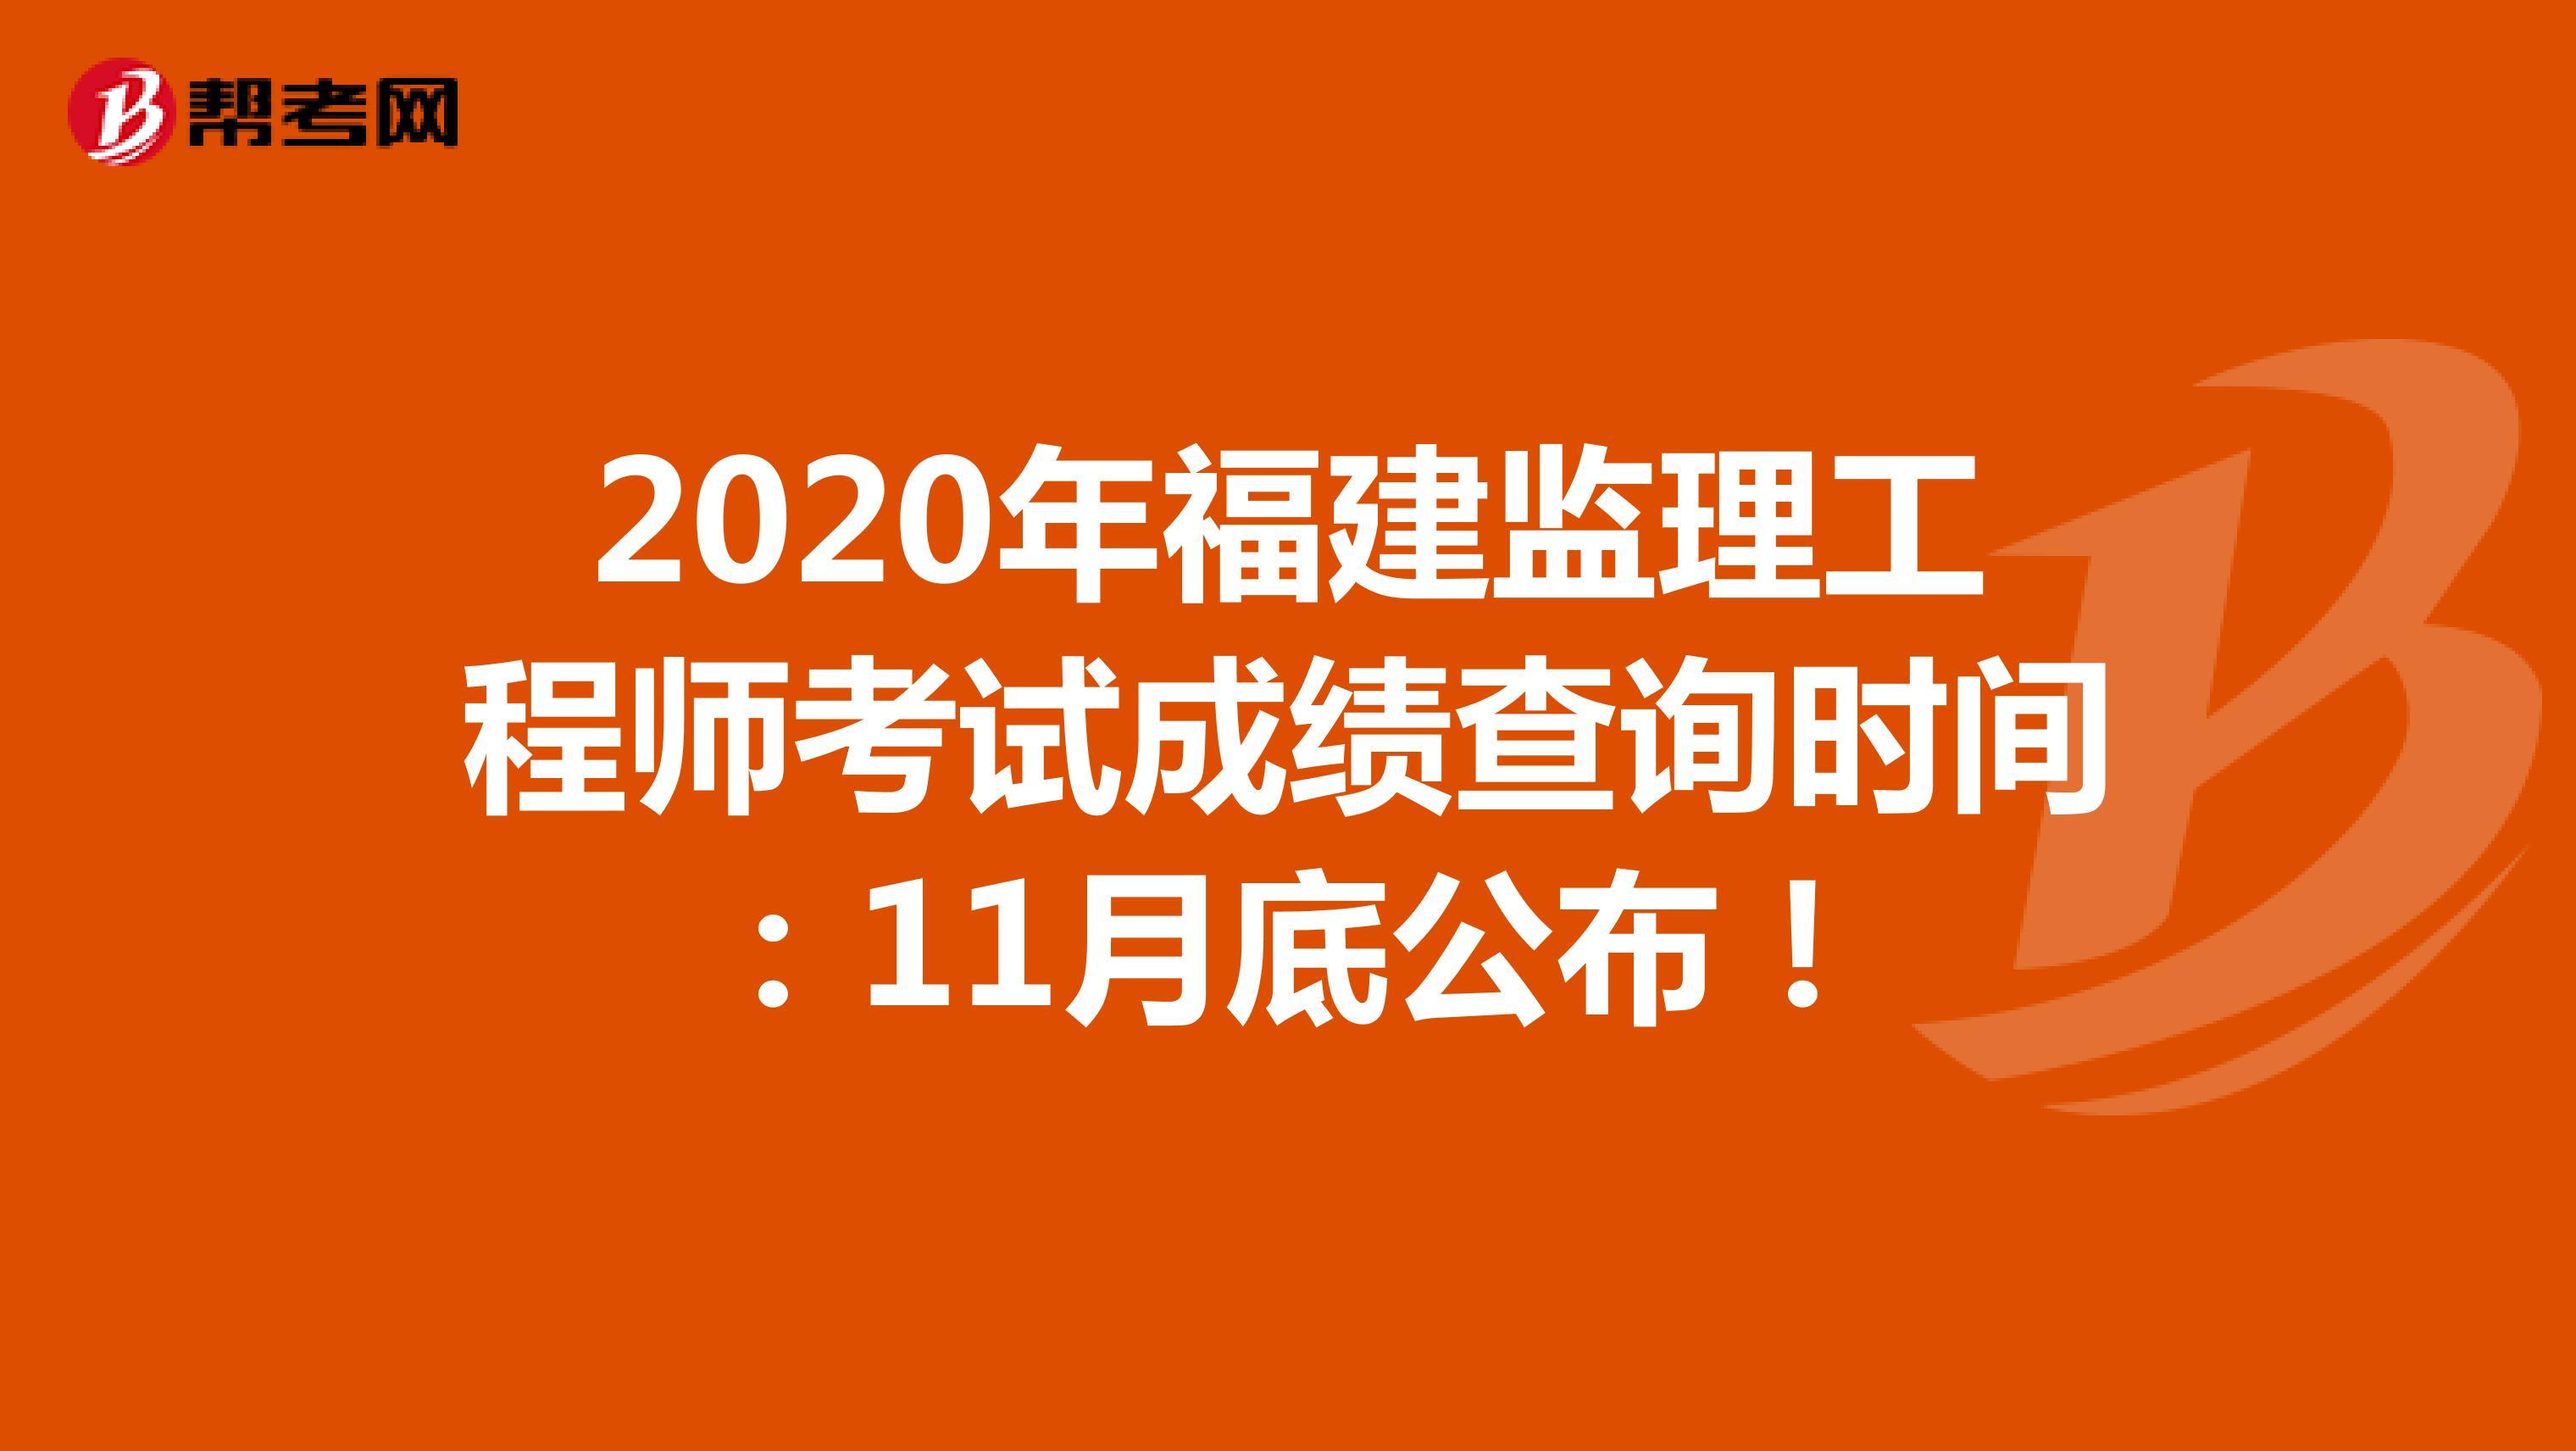 2020年福建监理工程师考试成绩查询时间:11月底公布!